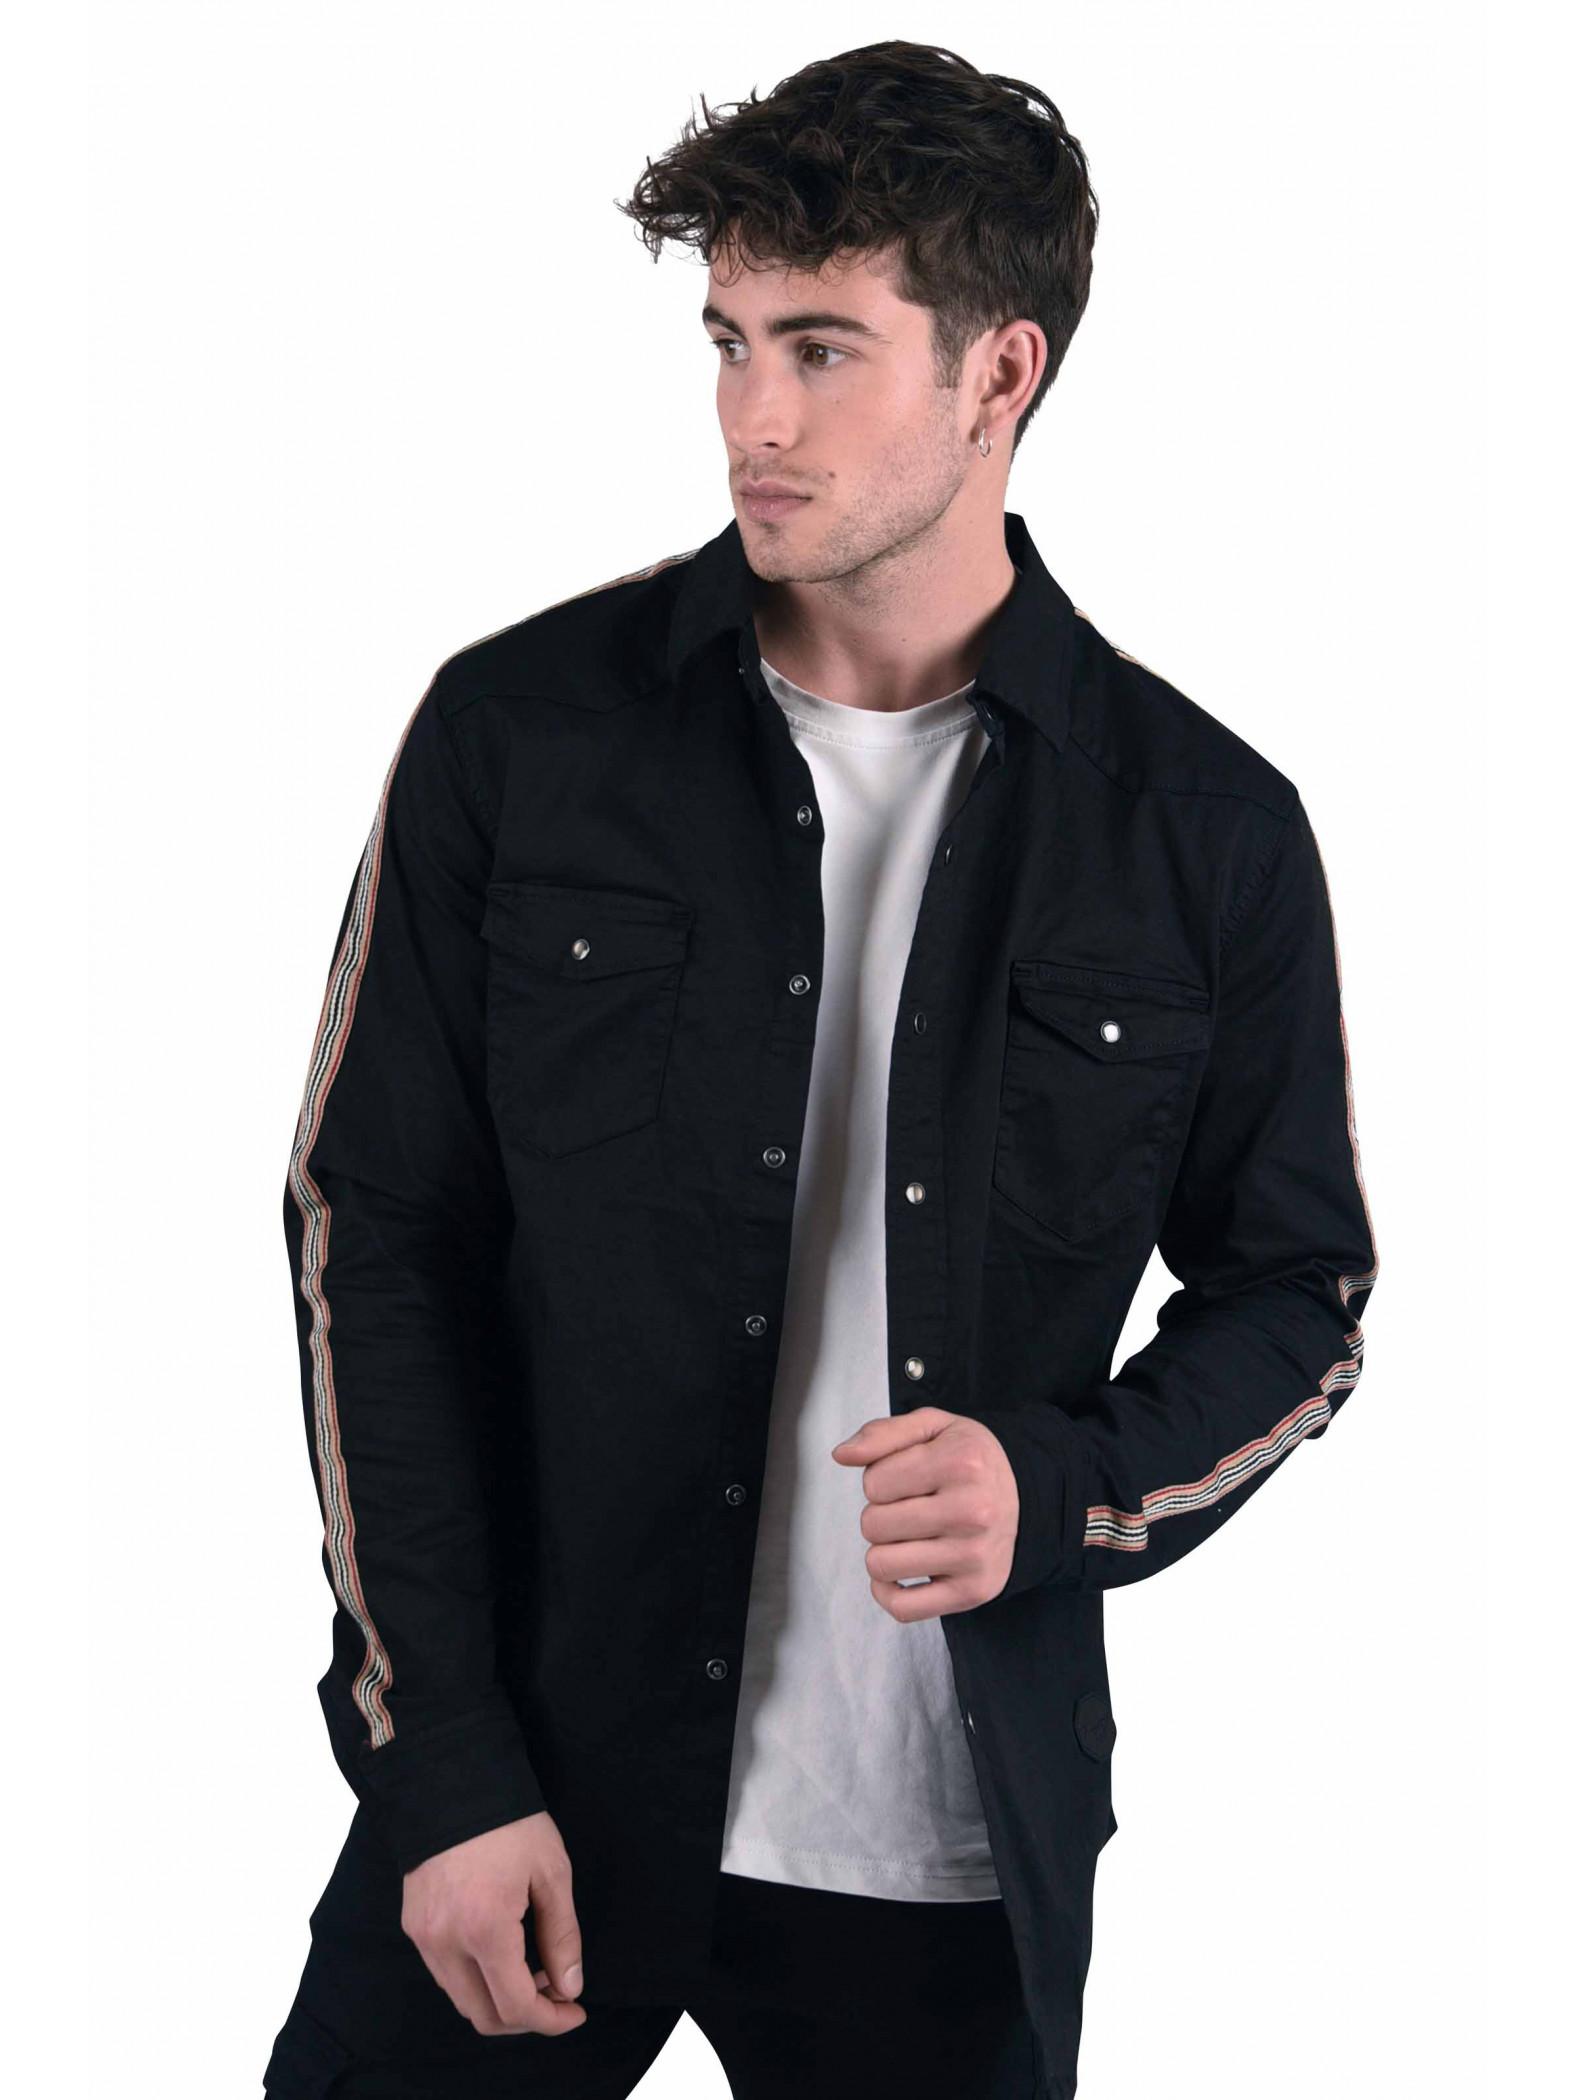 Fit X With Project Paris Shirt Beige Regular Stripes Side 1pqTx1dw 2491c4ee321